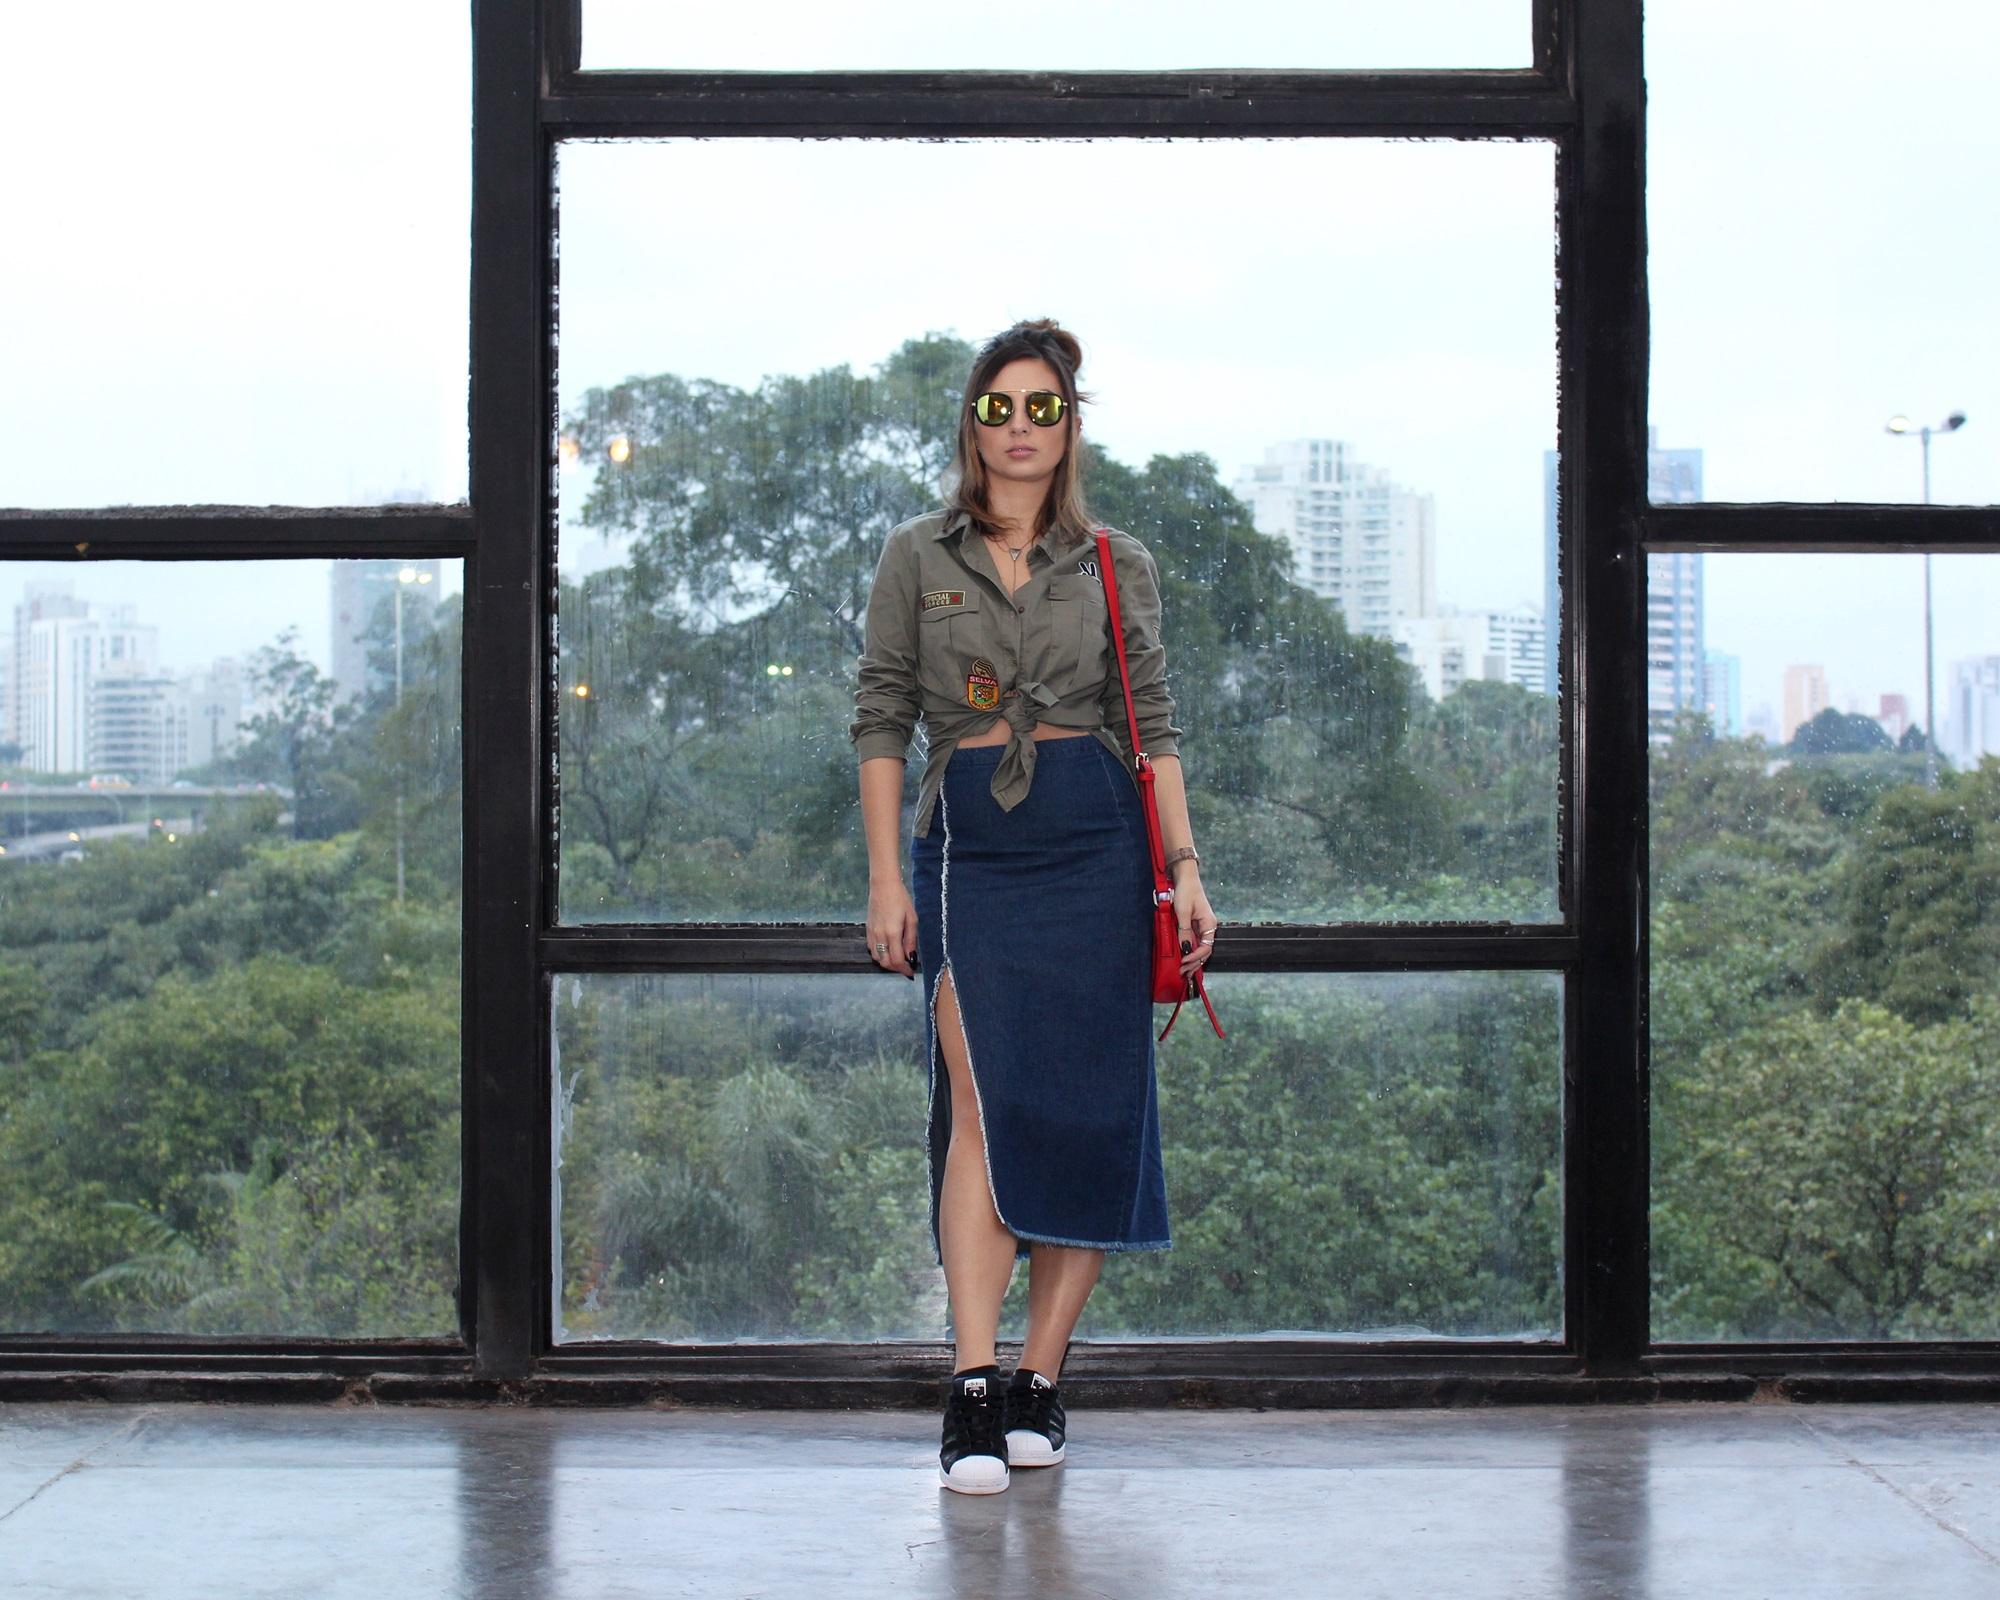 SPFW-N41-street-style-saia-jeans-jaqueta-patches-leboh-blog-van-duarte-2